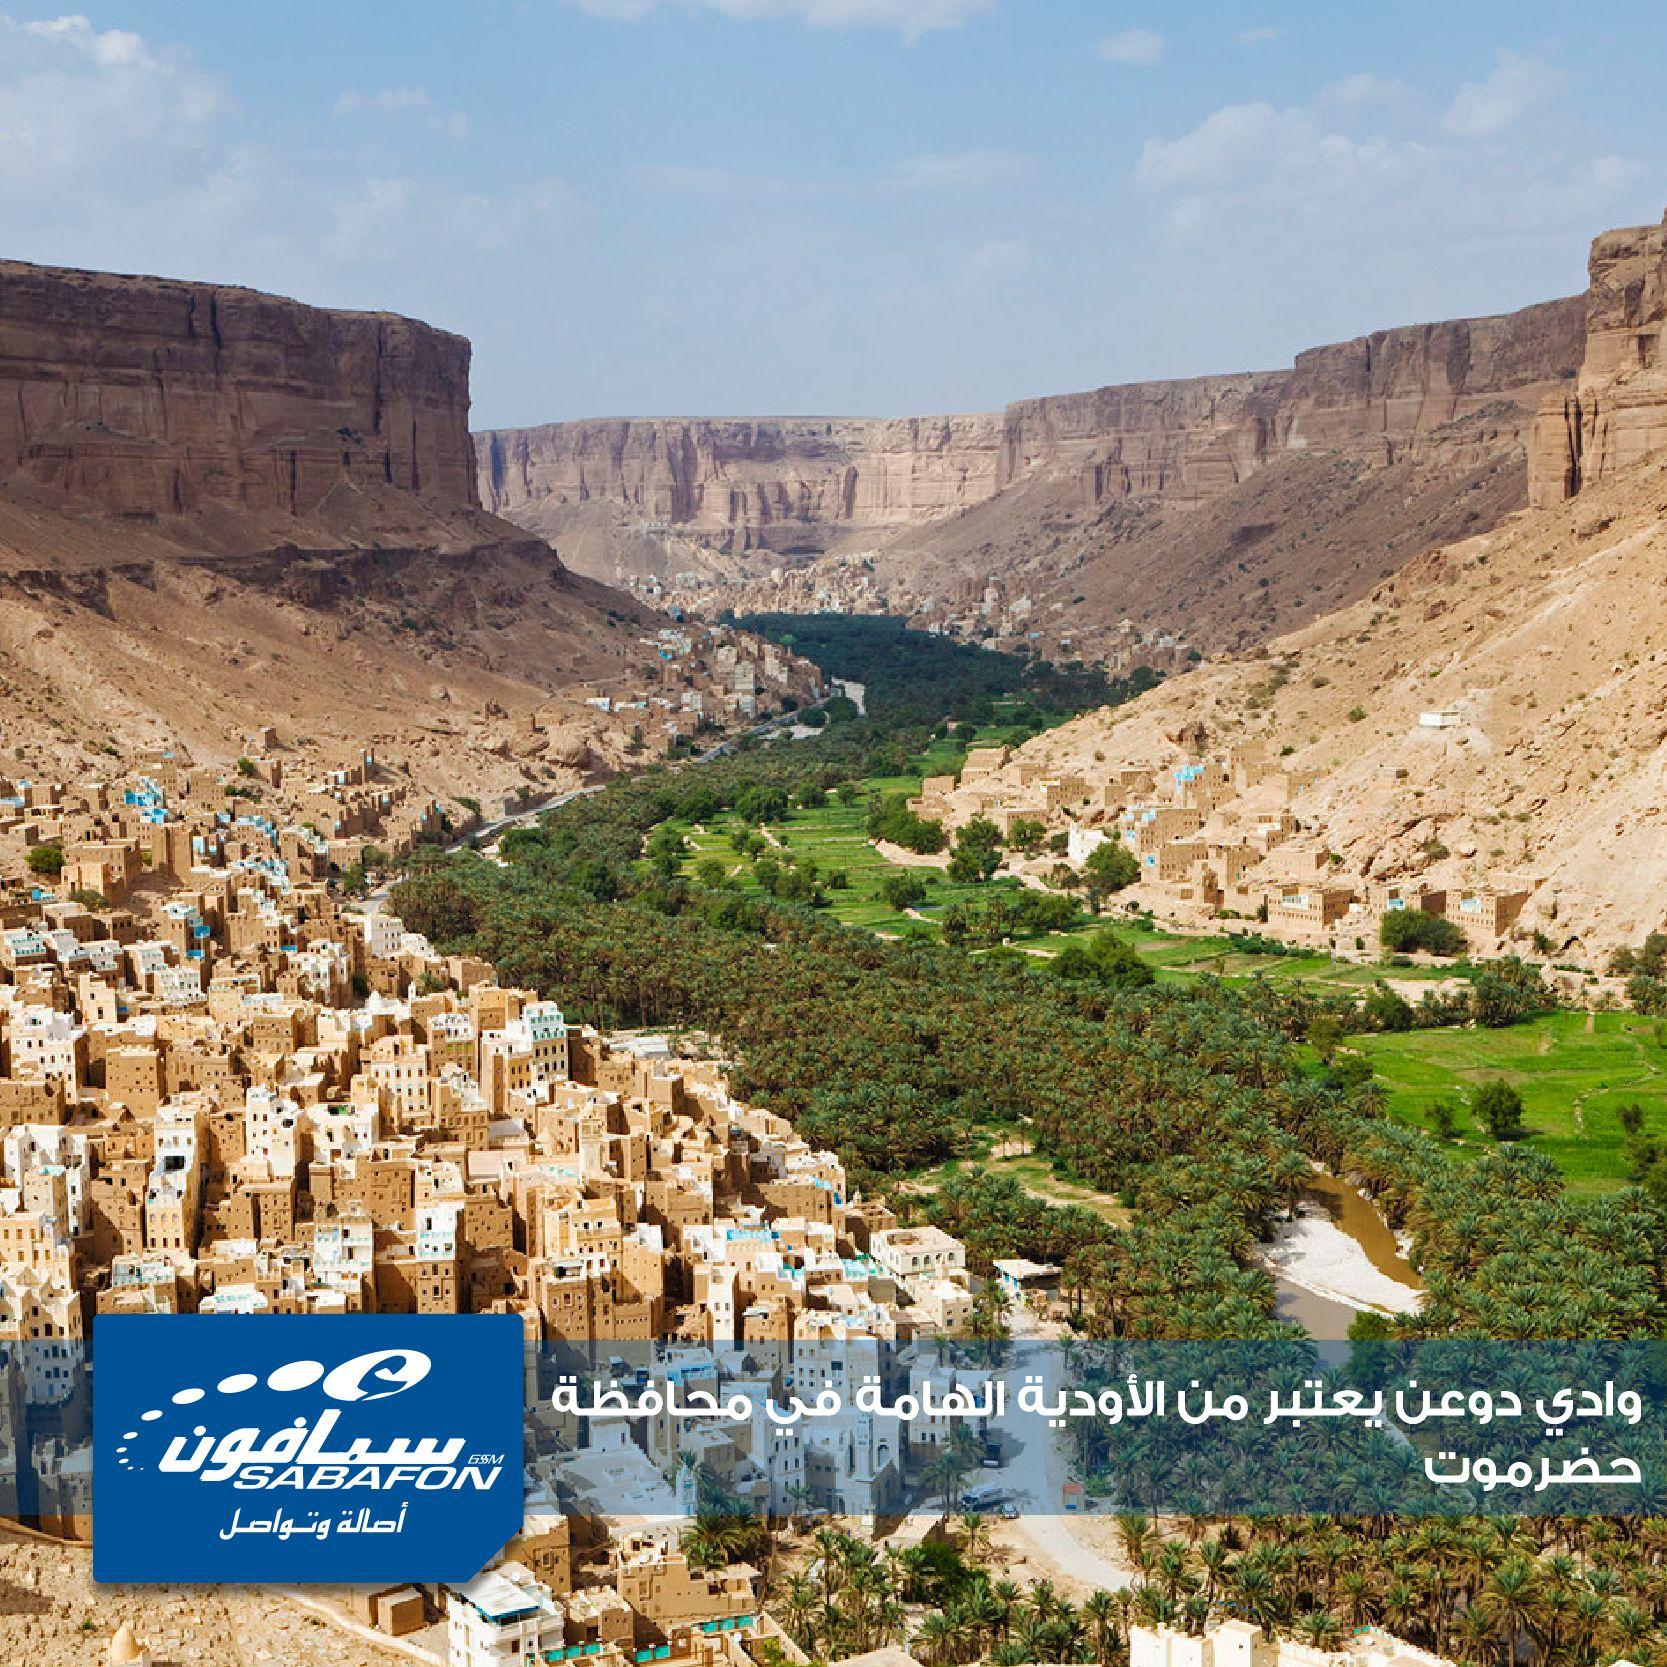 وادي دوعن يعتبر من الأودية الهامة في محافظة حضرموت وعندما نقول دوعن يتبادر الى ذهننا العسل الدوعني ويعتبر من اجود انو Natural Landmarks Grand Canyon Landmarks